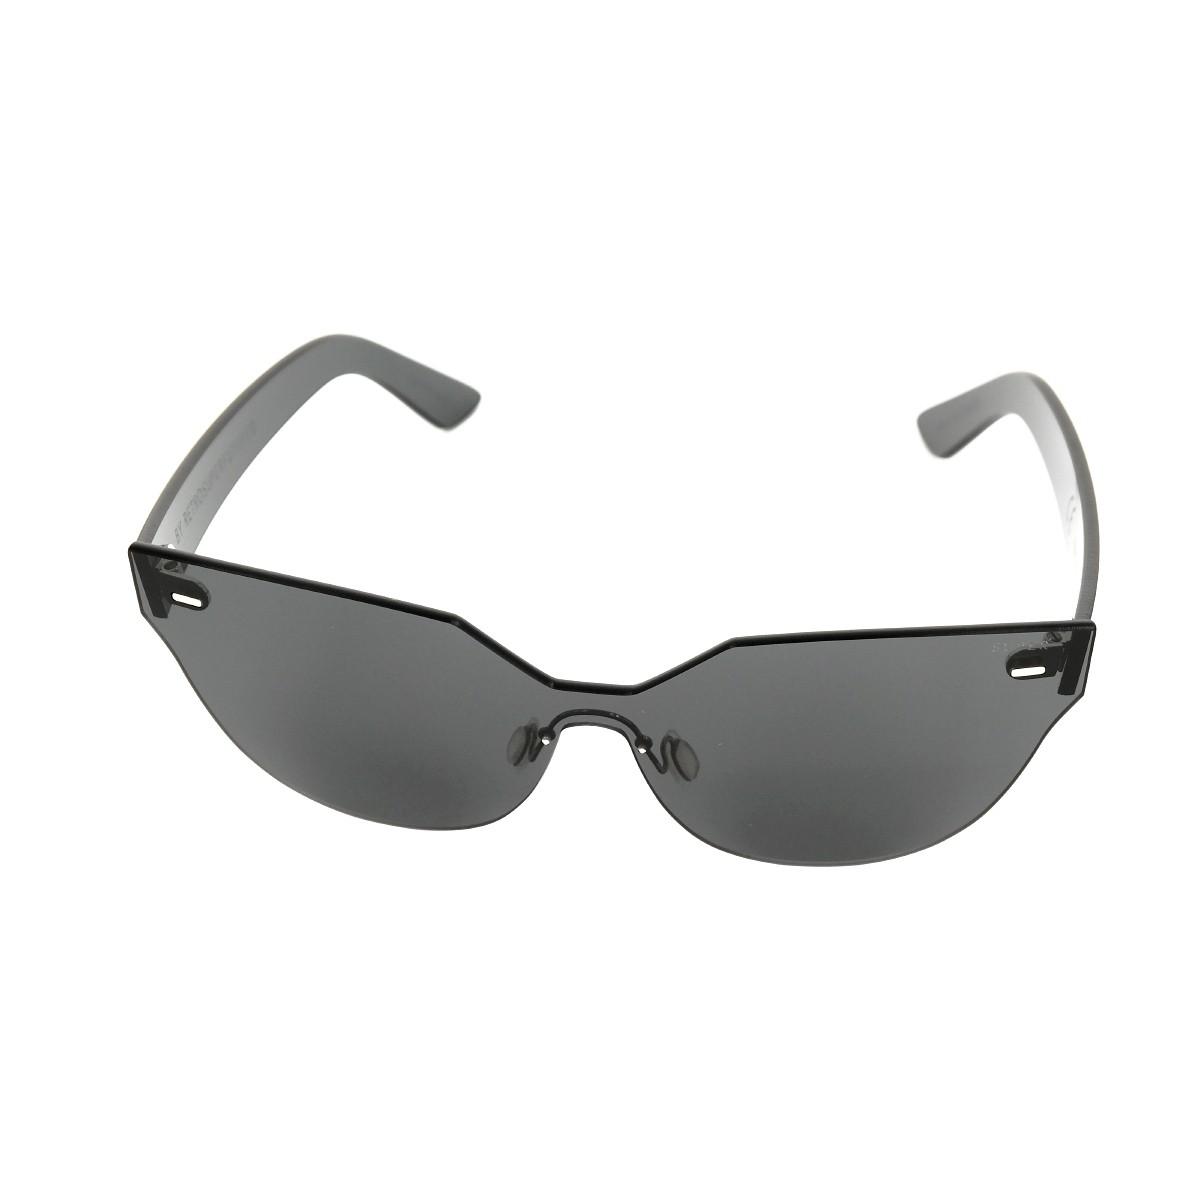 Super Tuttolente Zizza Black, 140,00€, Occhiali Super Nero a forma Mascherina